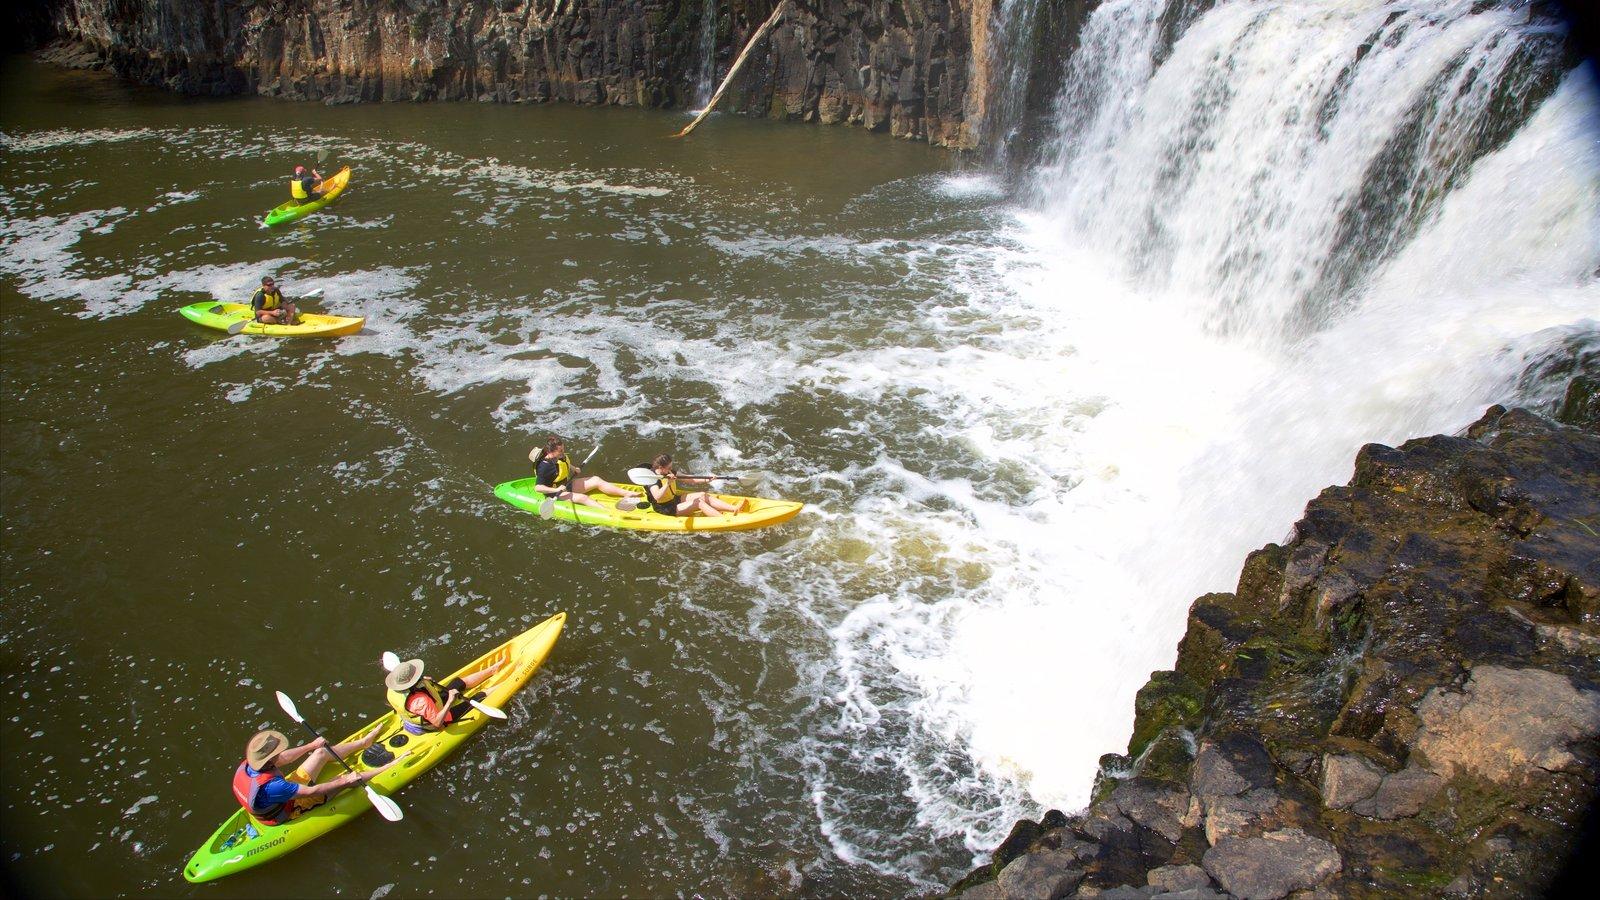 Cascadas de Hururu ofreciendo una catarata, kayak o canoa y un río o arroyo